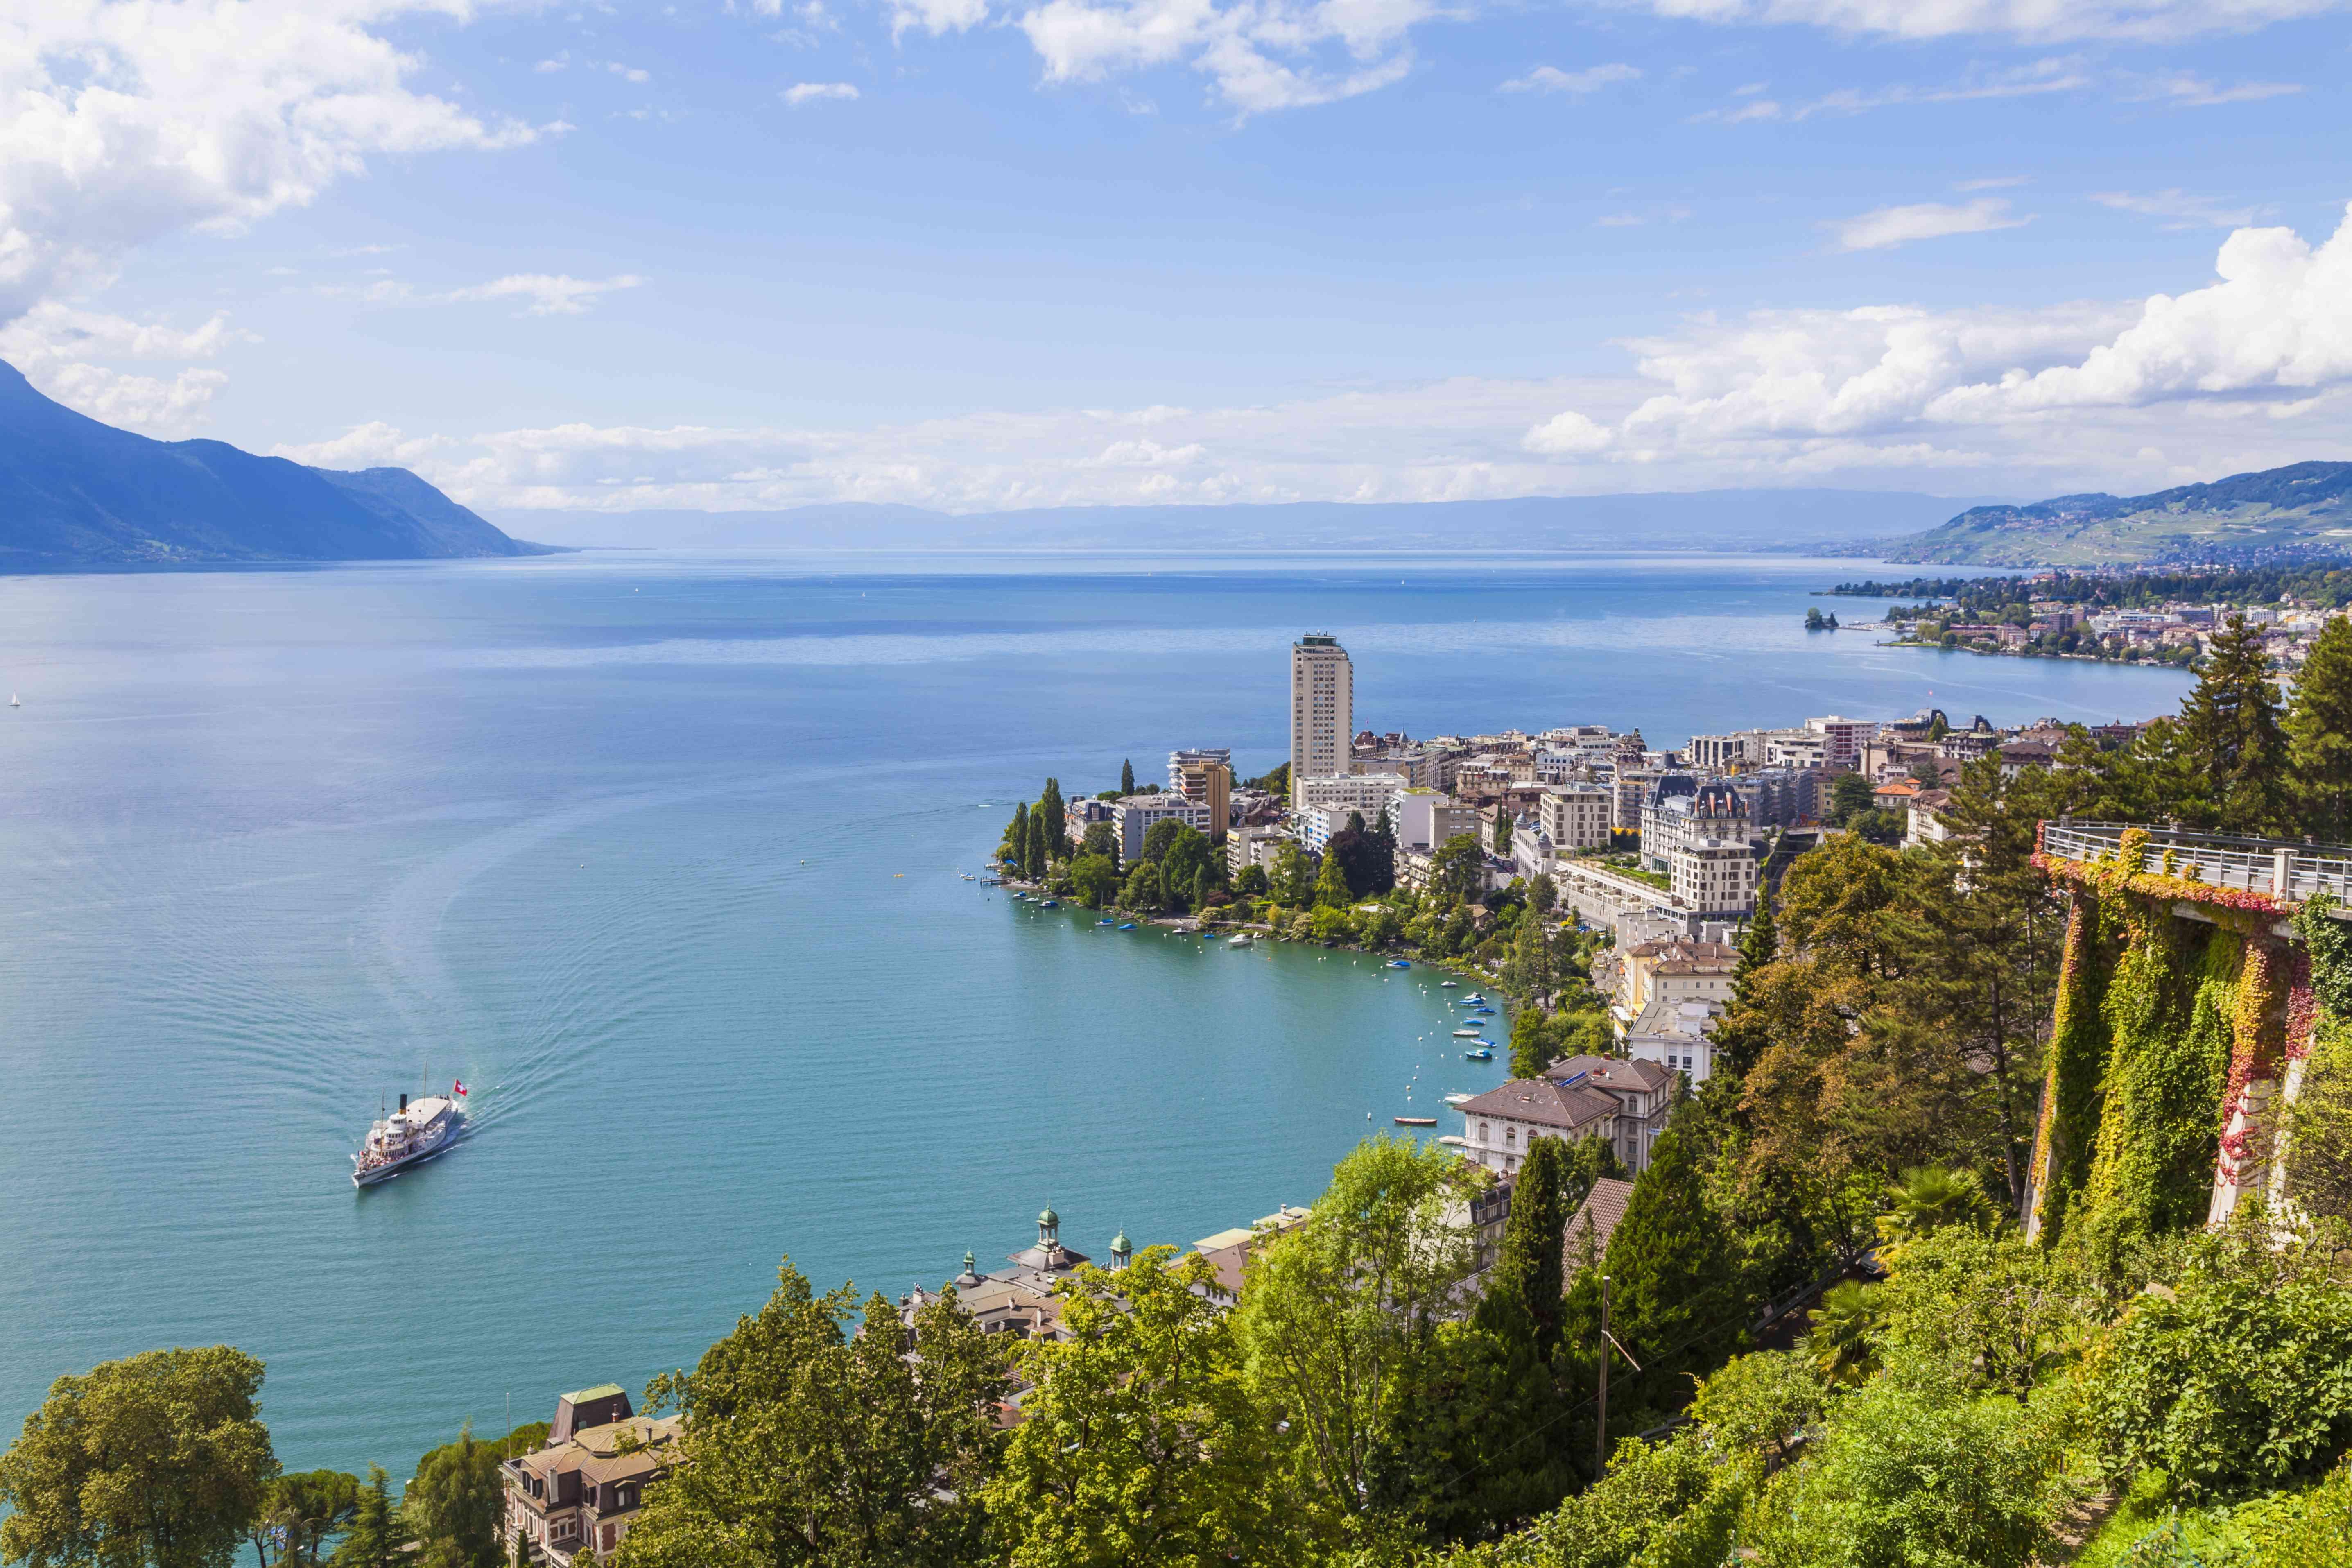 Switzerland, Lake Geneva, Montreux, cityscape with paddlesteamer